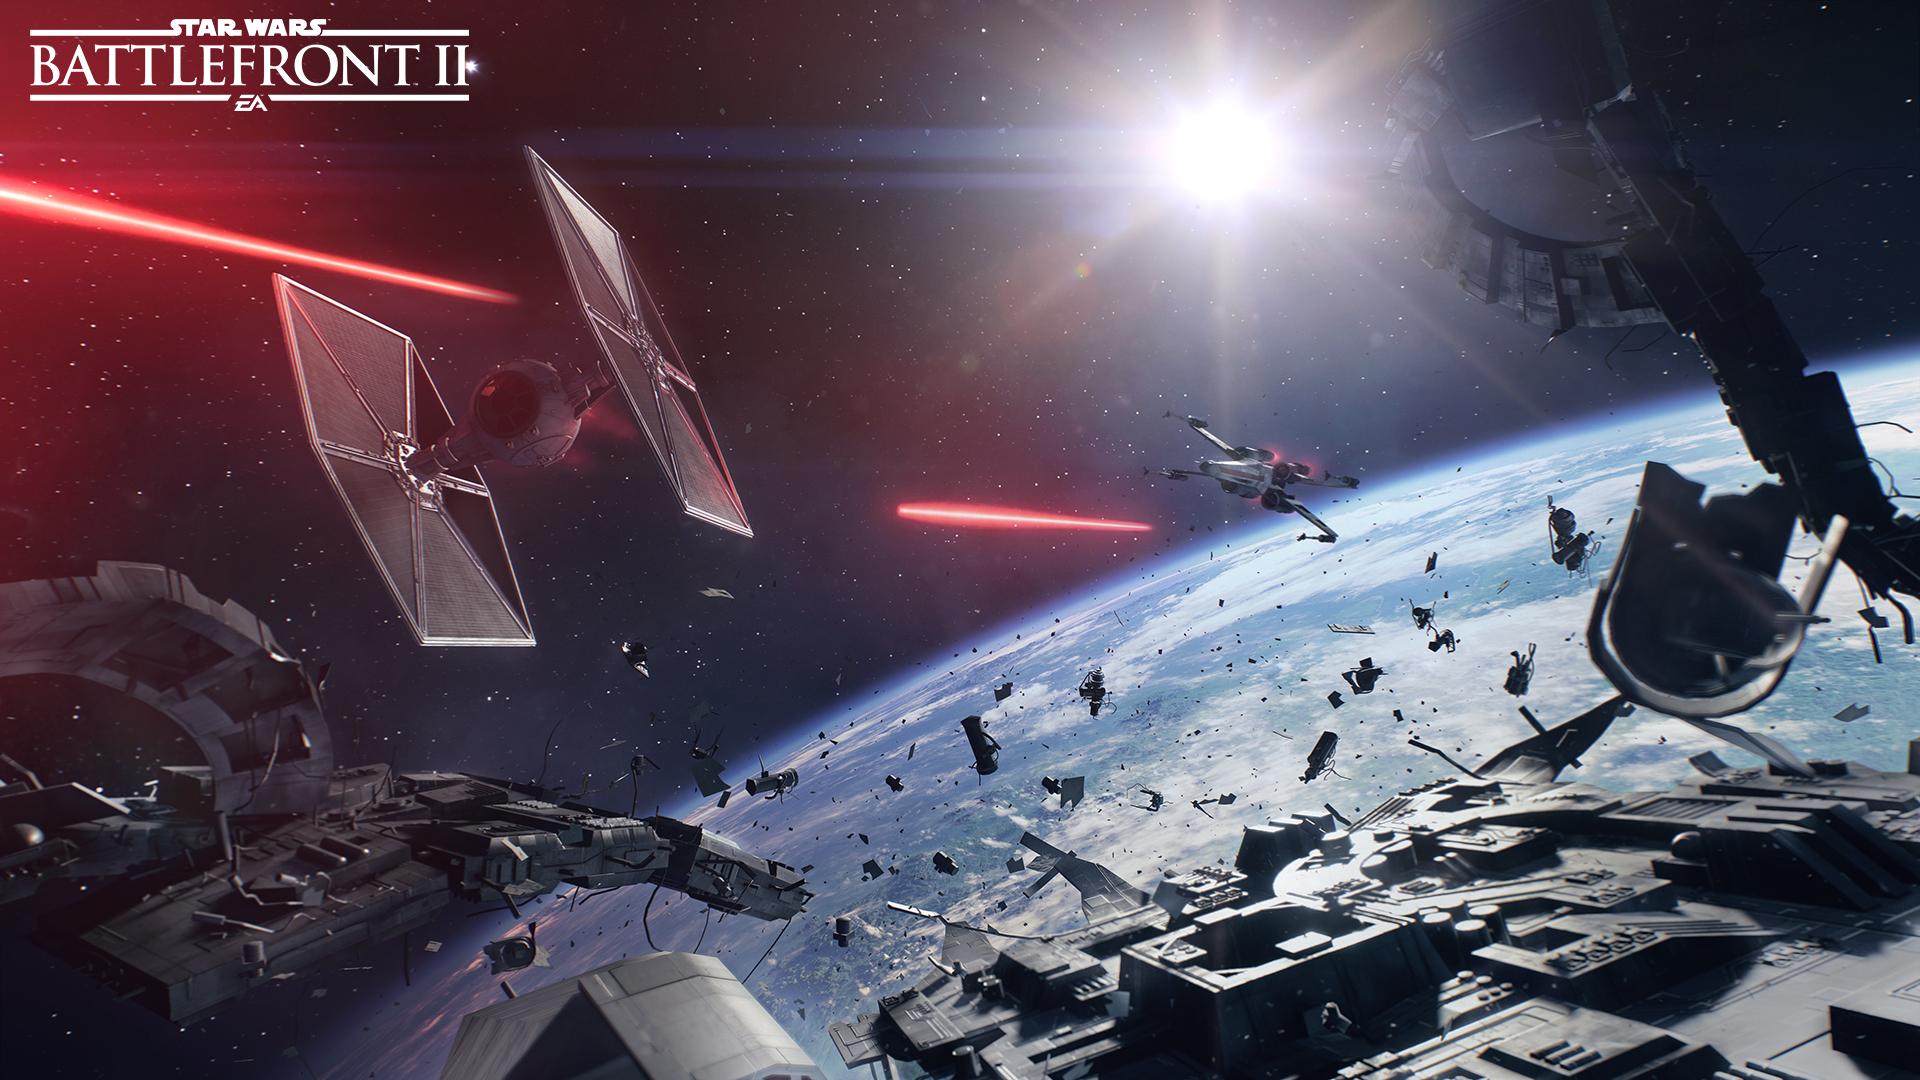 星球大战:前线2 v1.1六项修改器[elDDS]